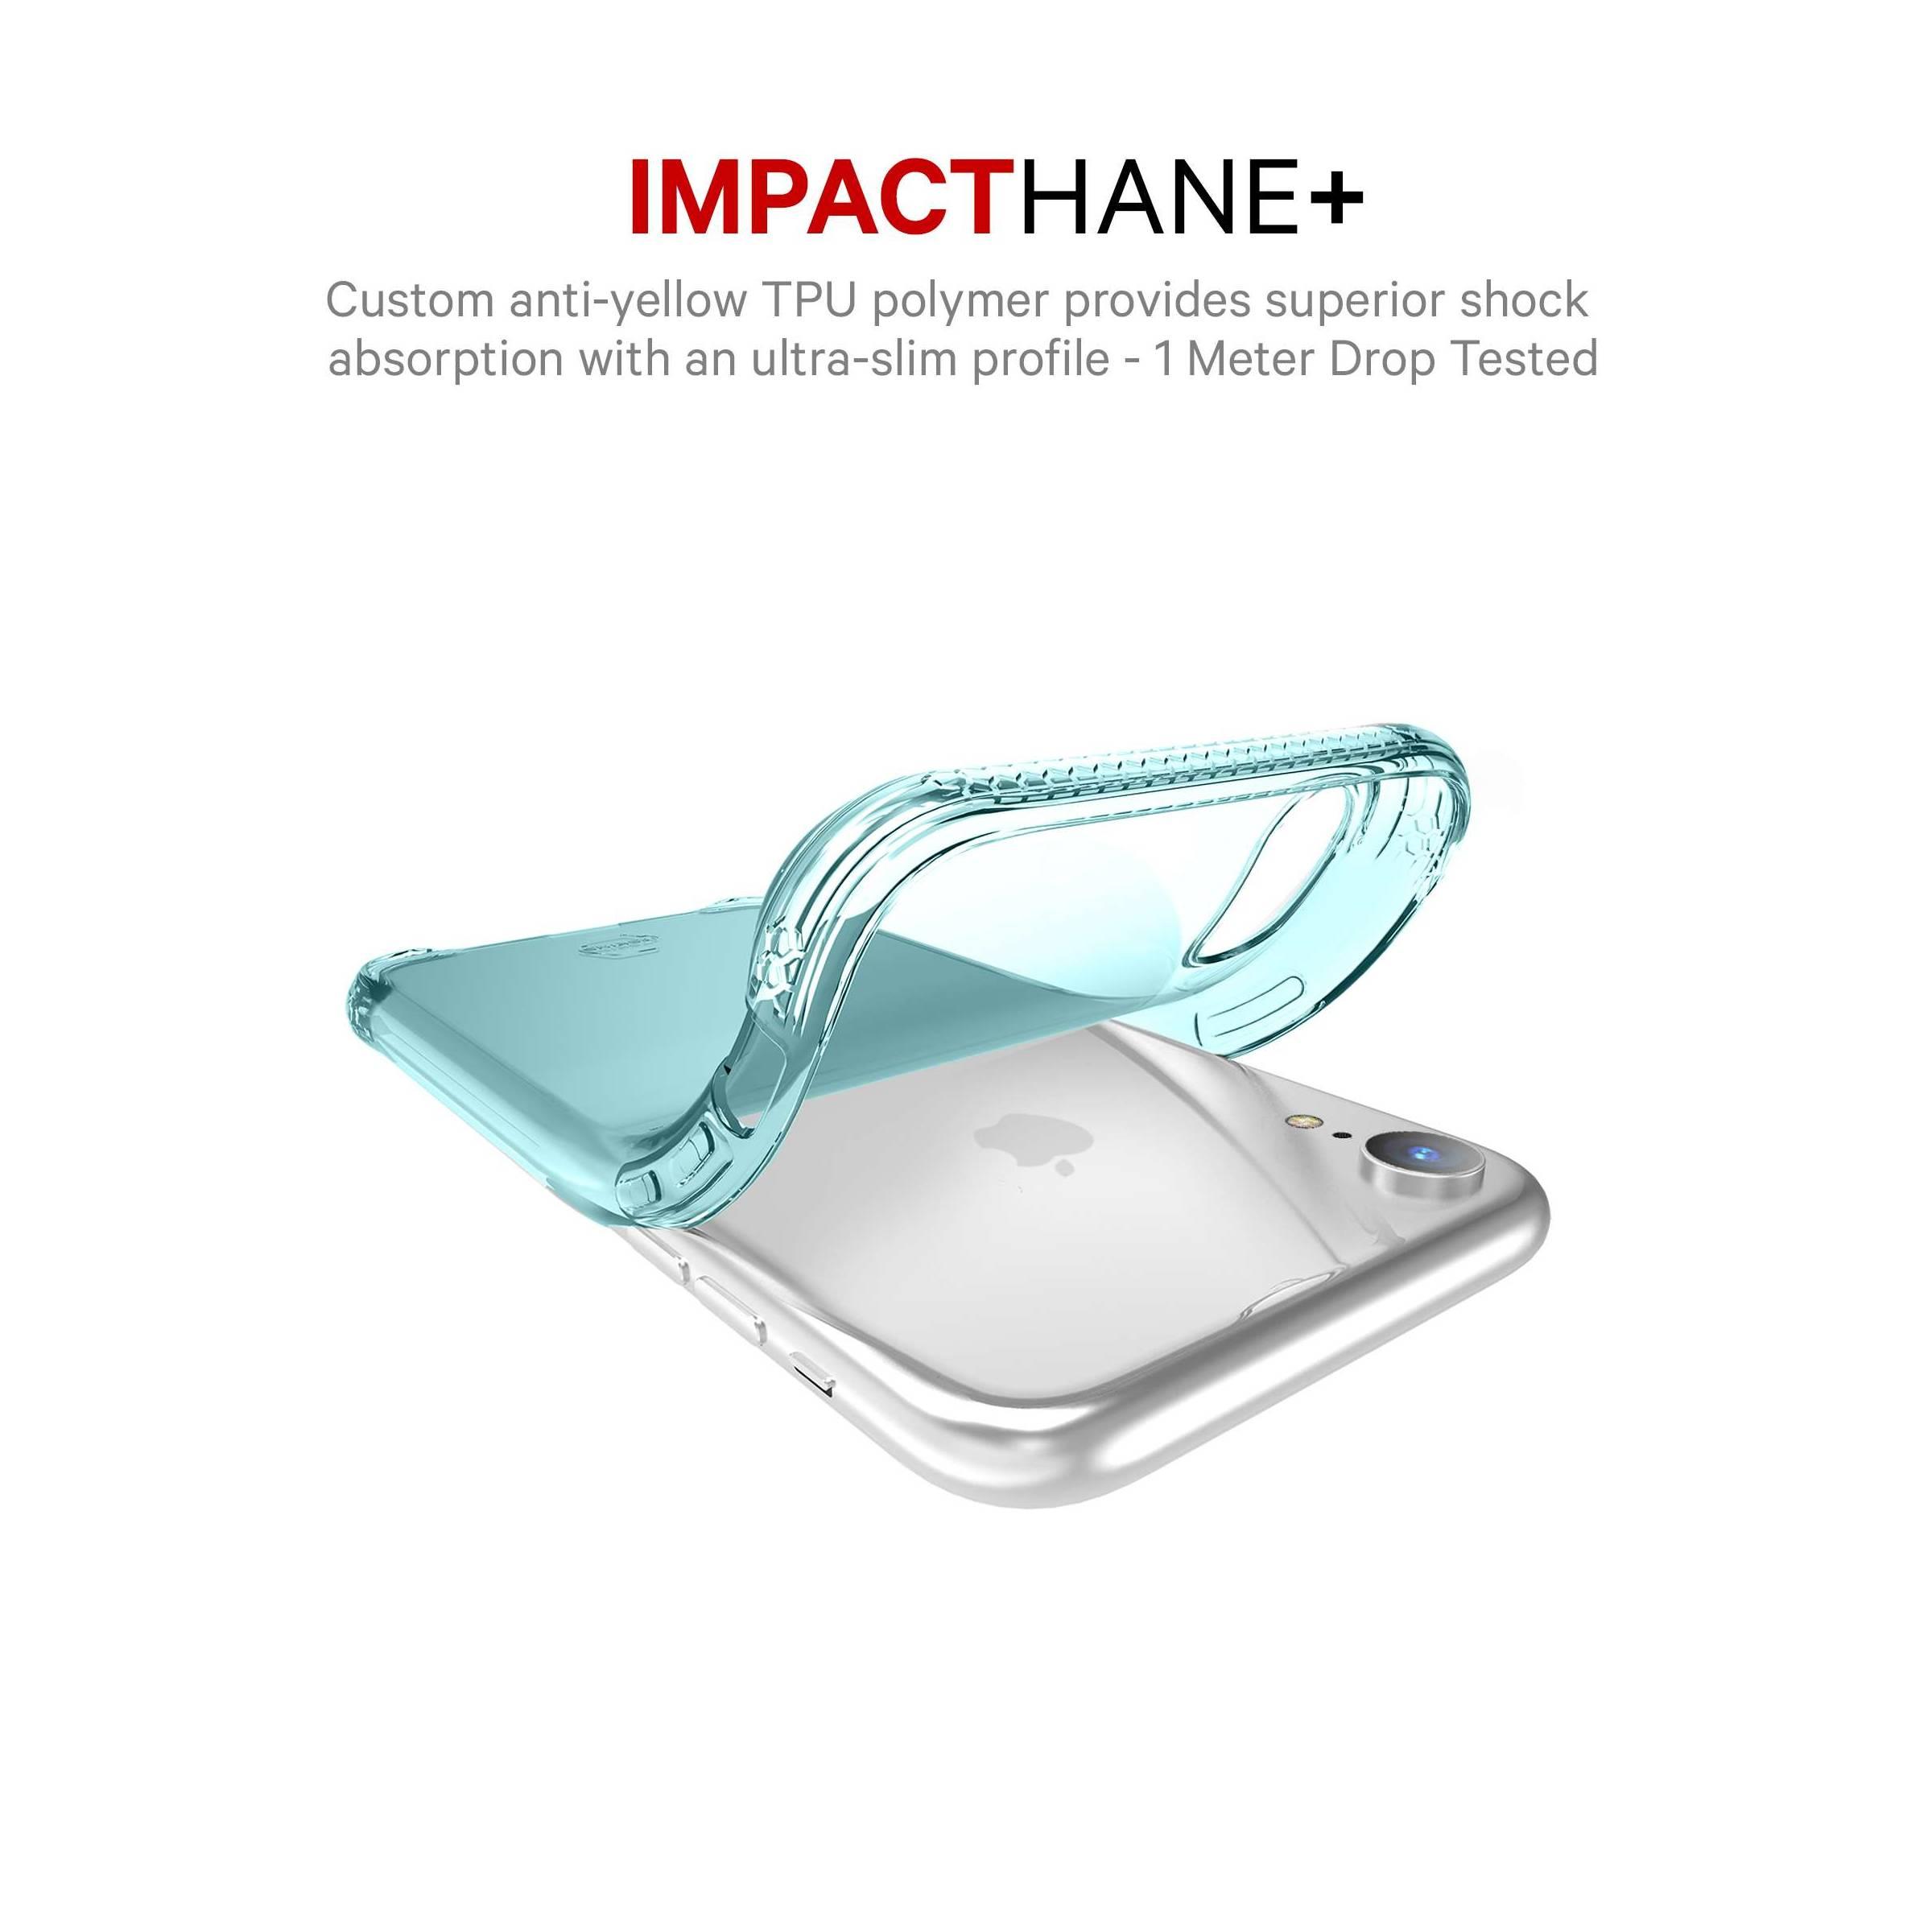 itskins – Itskins slim silikone protect gel iphone xr cover dobbelt 2x pakke farve klar & grøn fra mackabler.dk